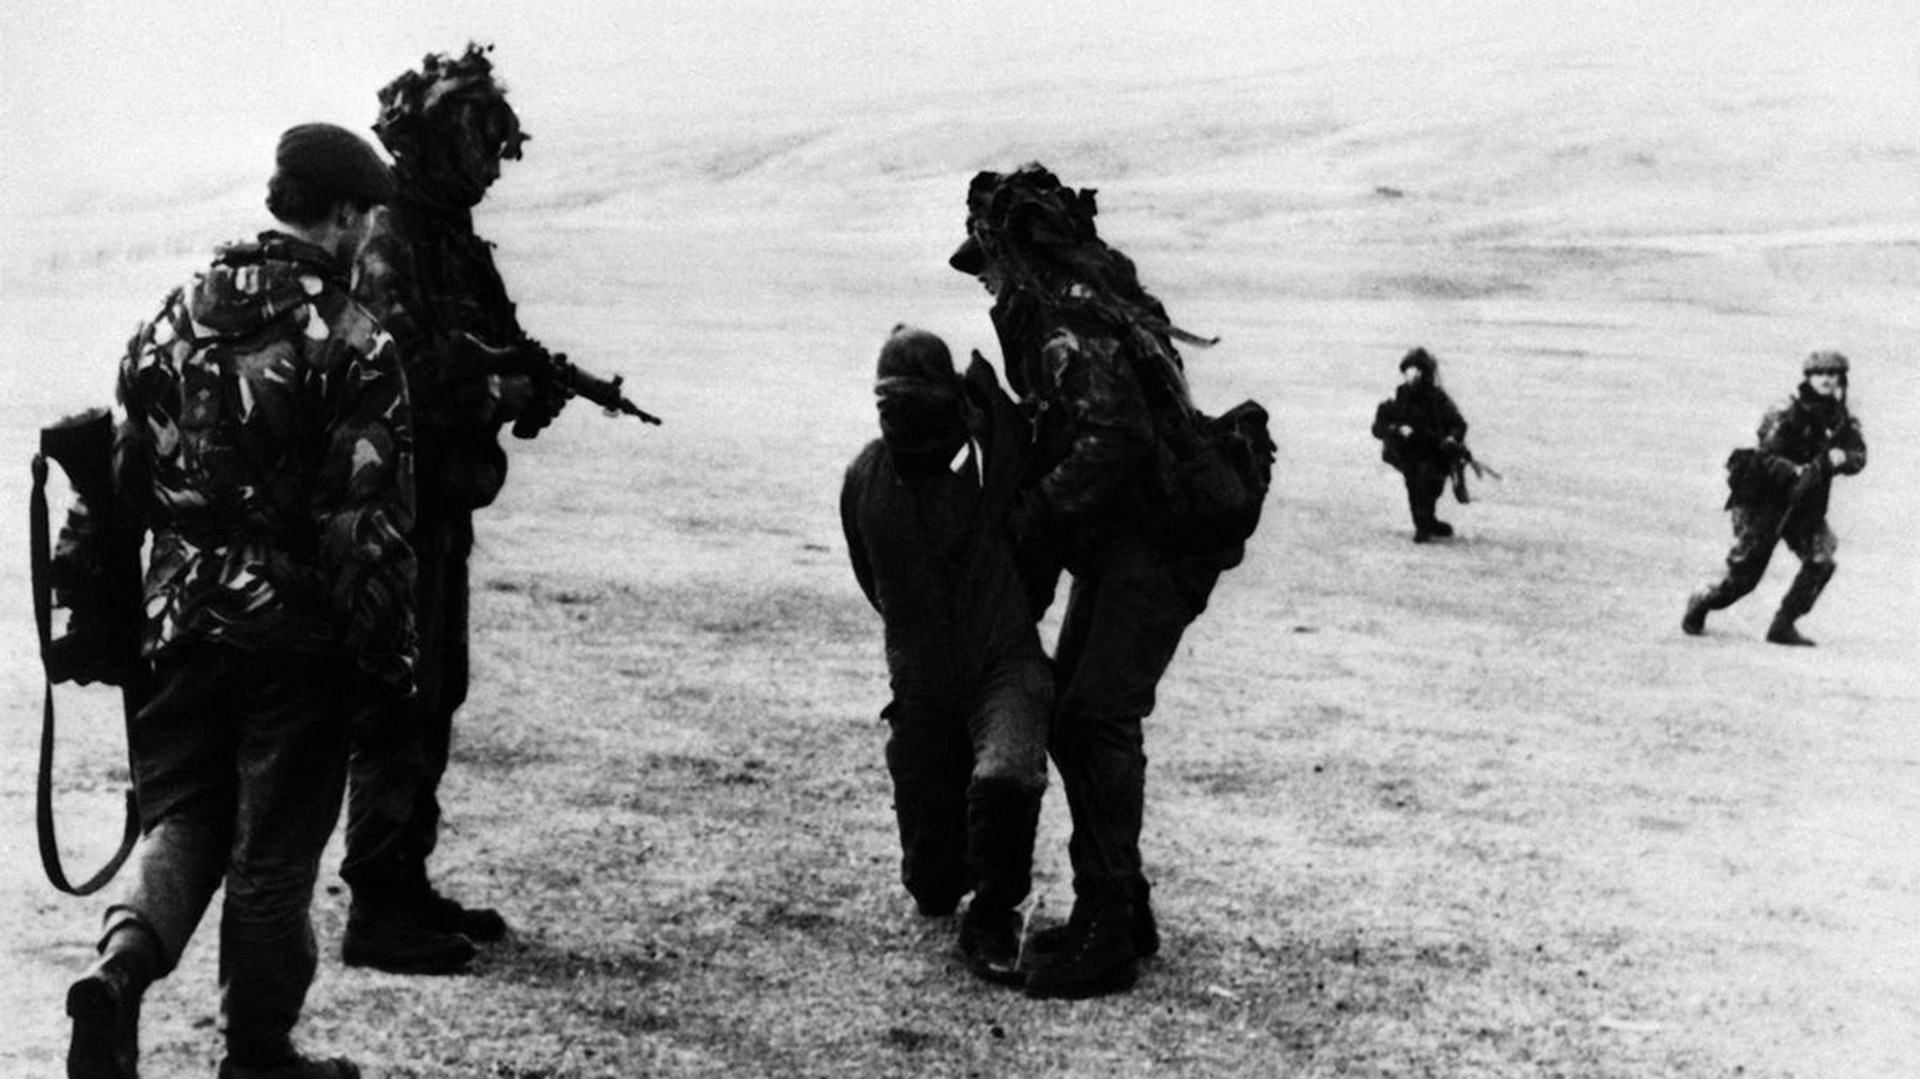 """Tres Royal Marines tomanprisionero a un soldado argentino. Le cubren los ojos """"por seguridad"""" durante el avance británico hacia Puerto Argentino(AP)"""